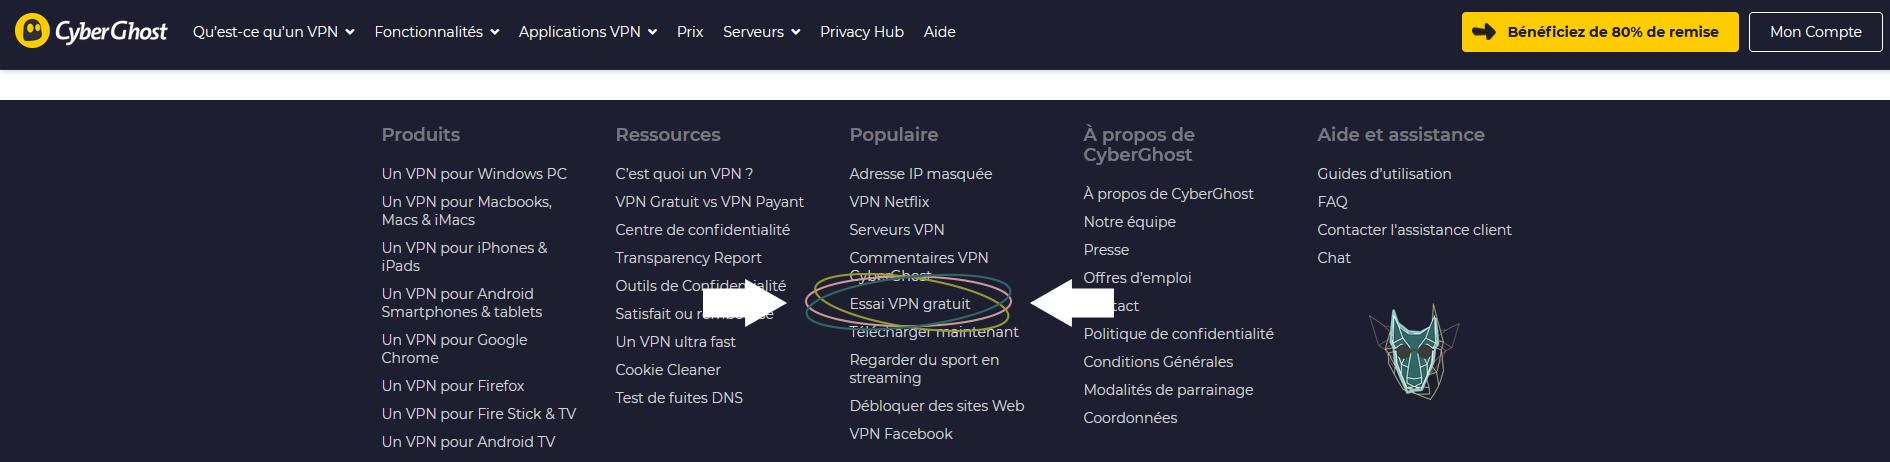 Illustration : comment obtenir CybgerGhost gratuitement pour Netflix ?